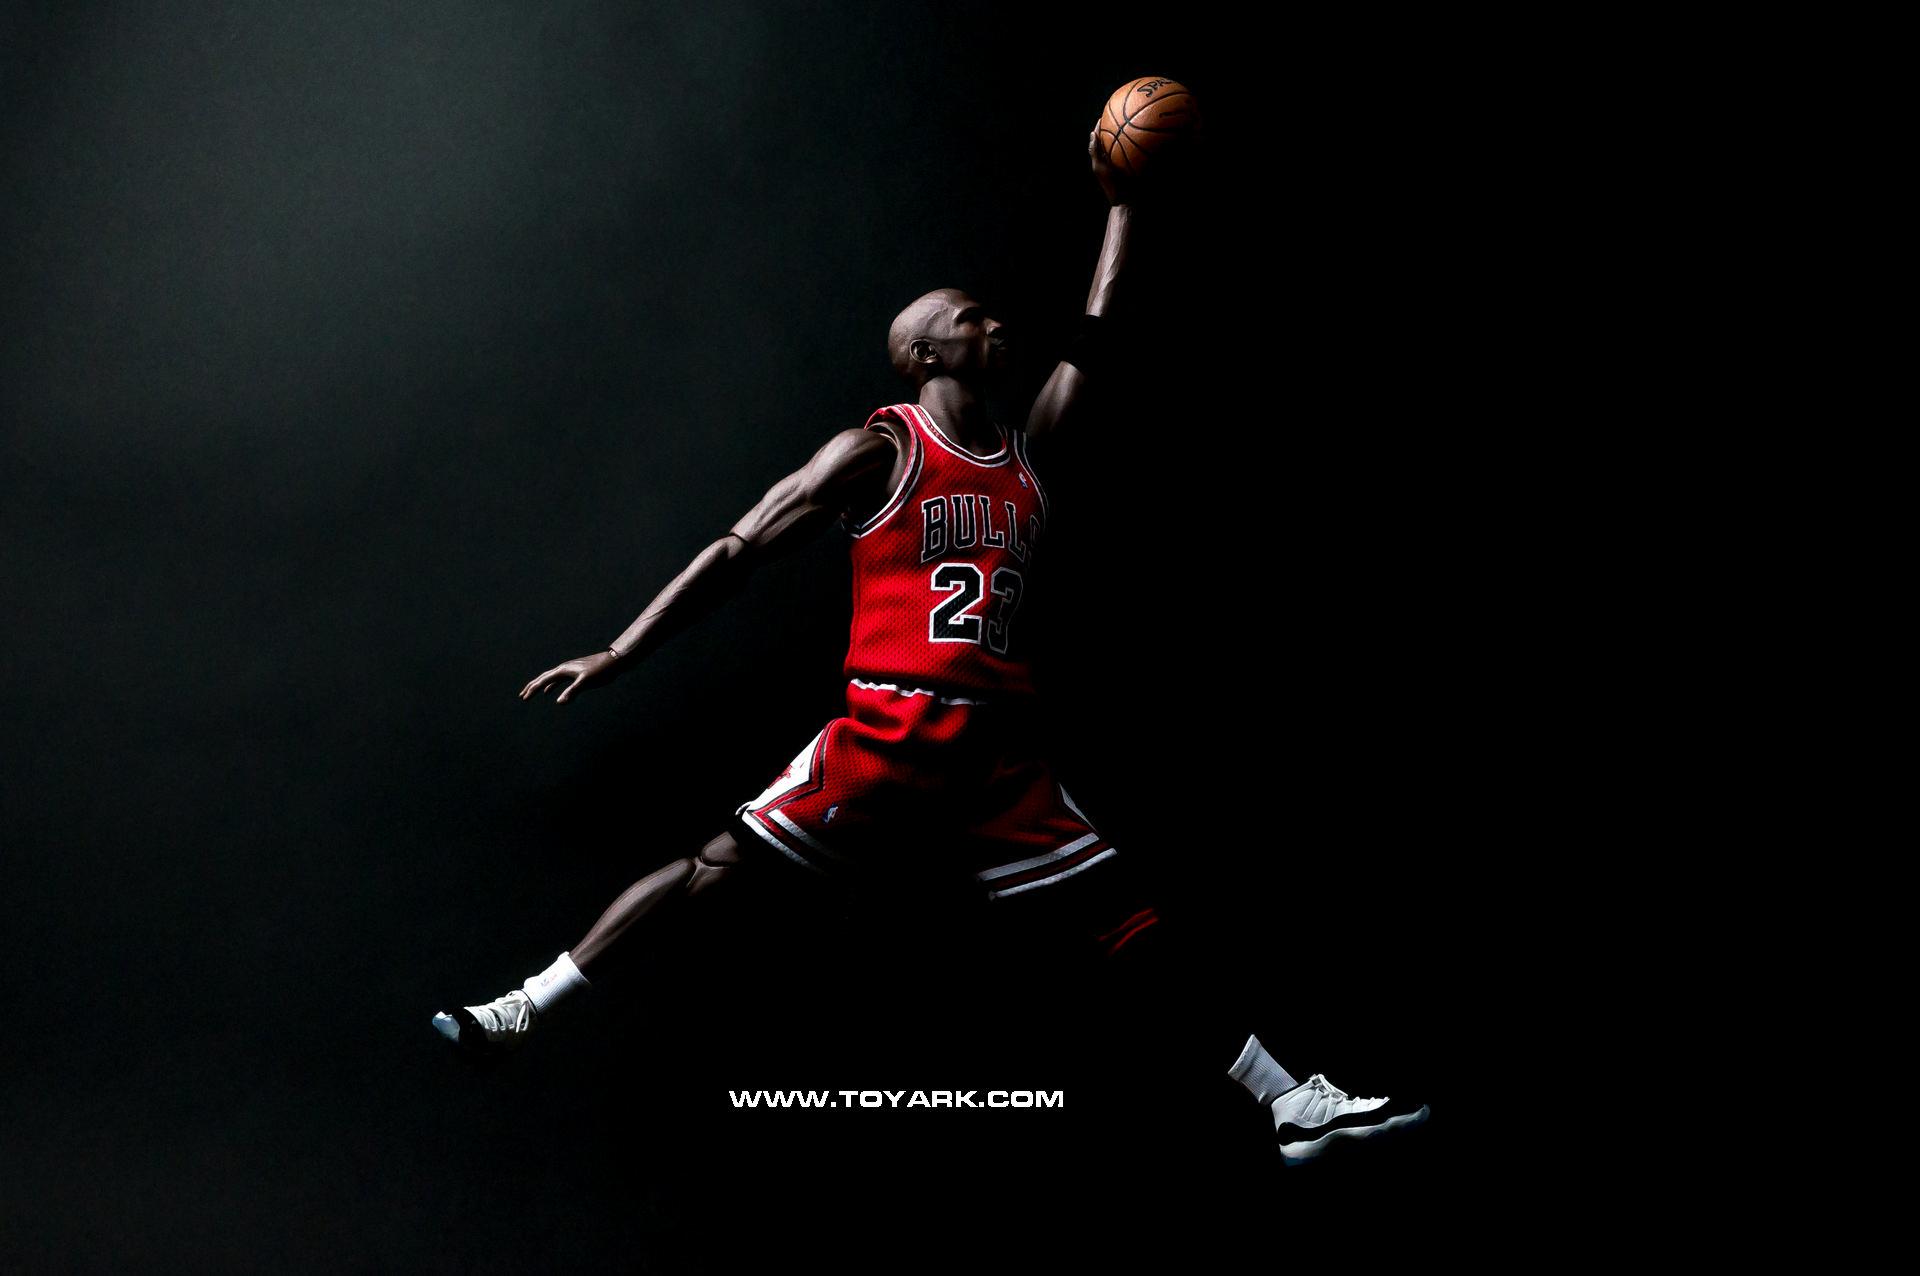 Air Jordan Wallpaper Iphone 4 Enterbay Michael Jordan Real Masterpiece 1 6th Scale 23